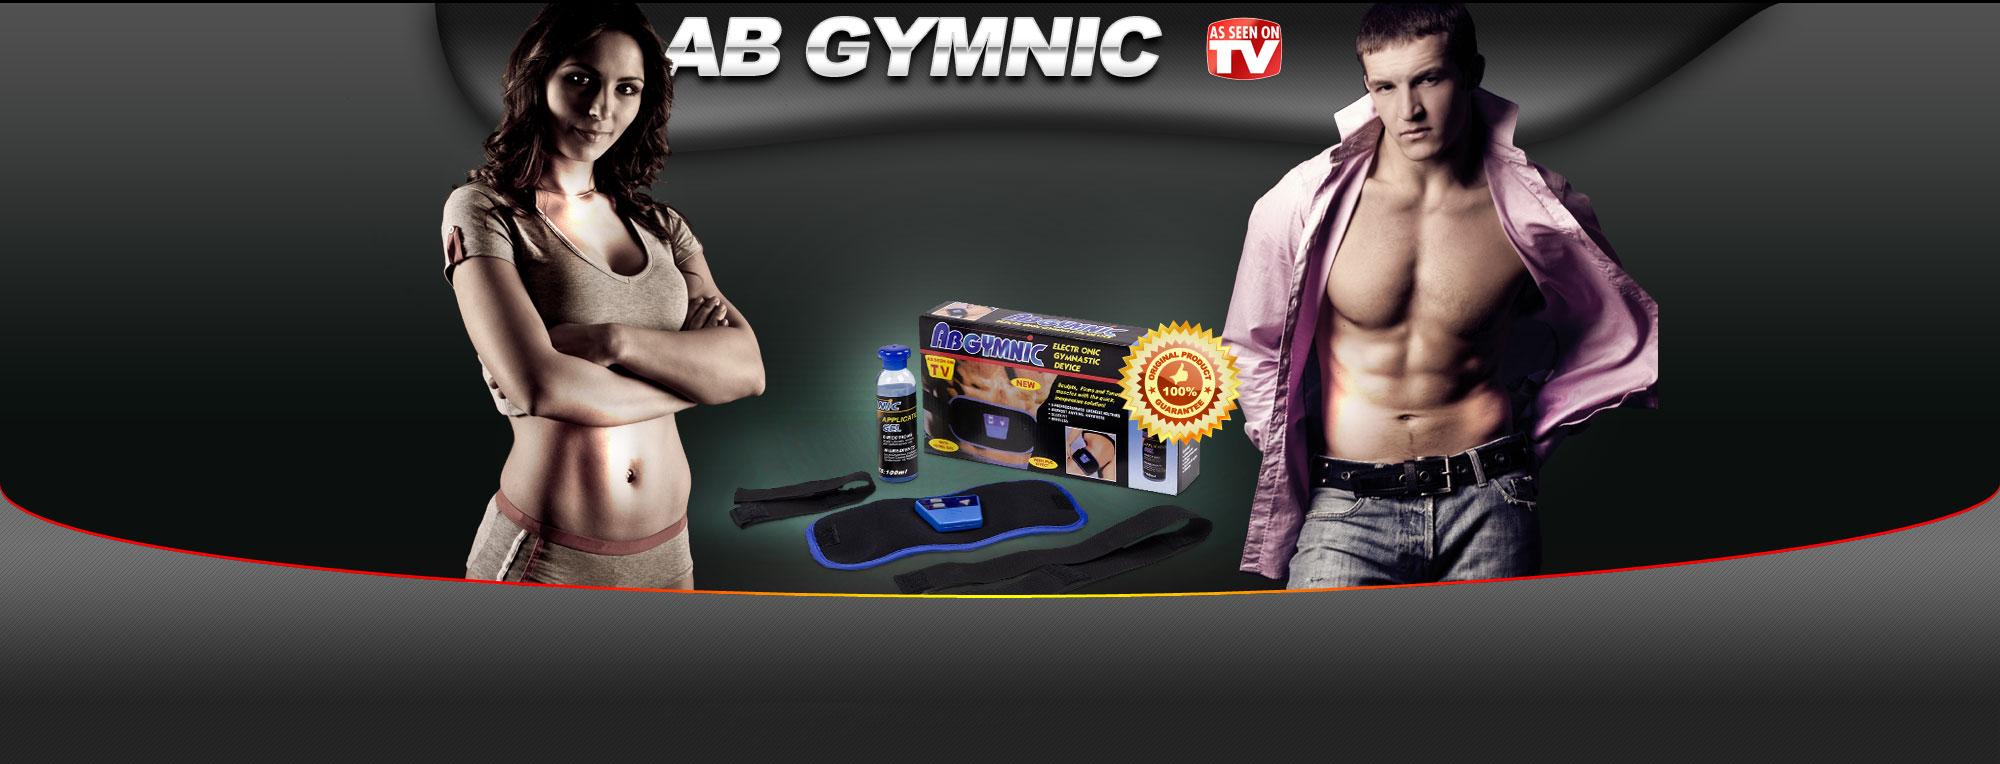 Пояс Ab Gymnic